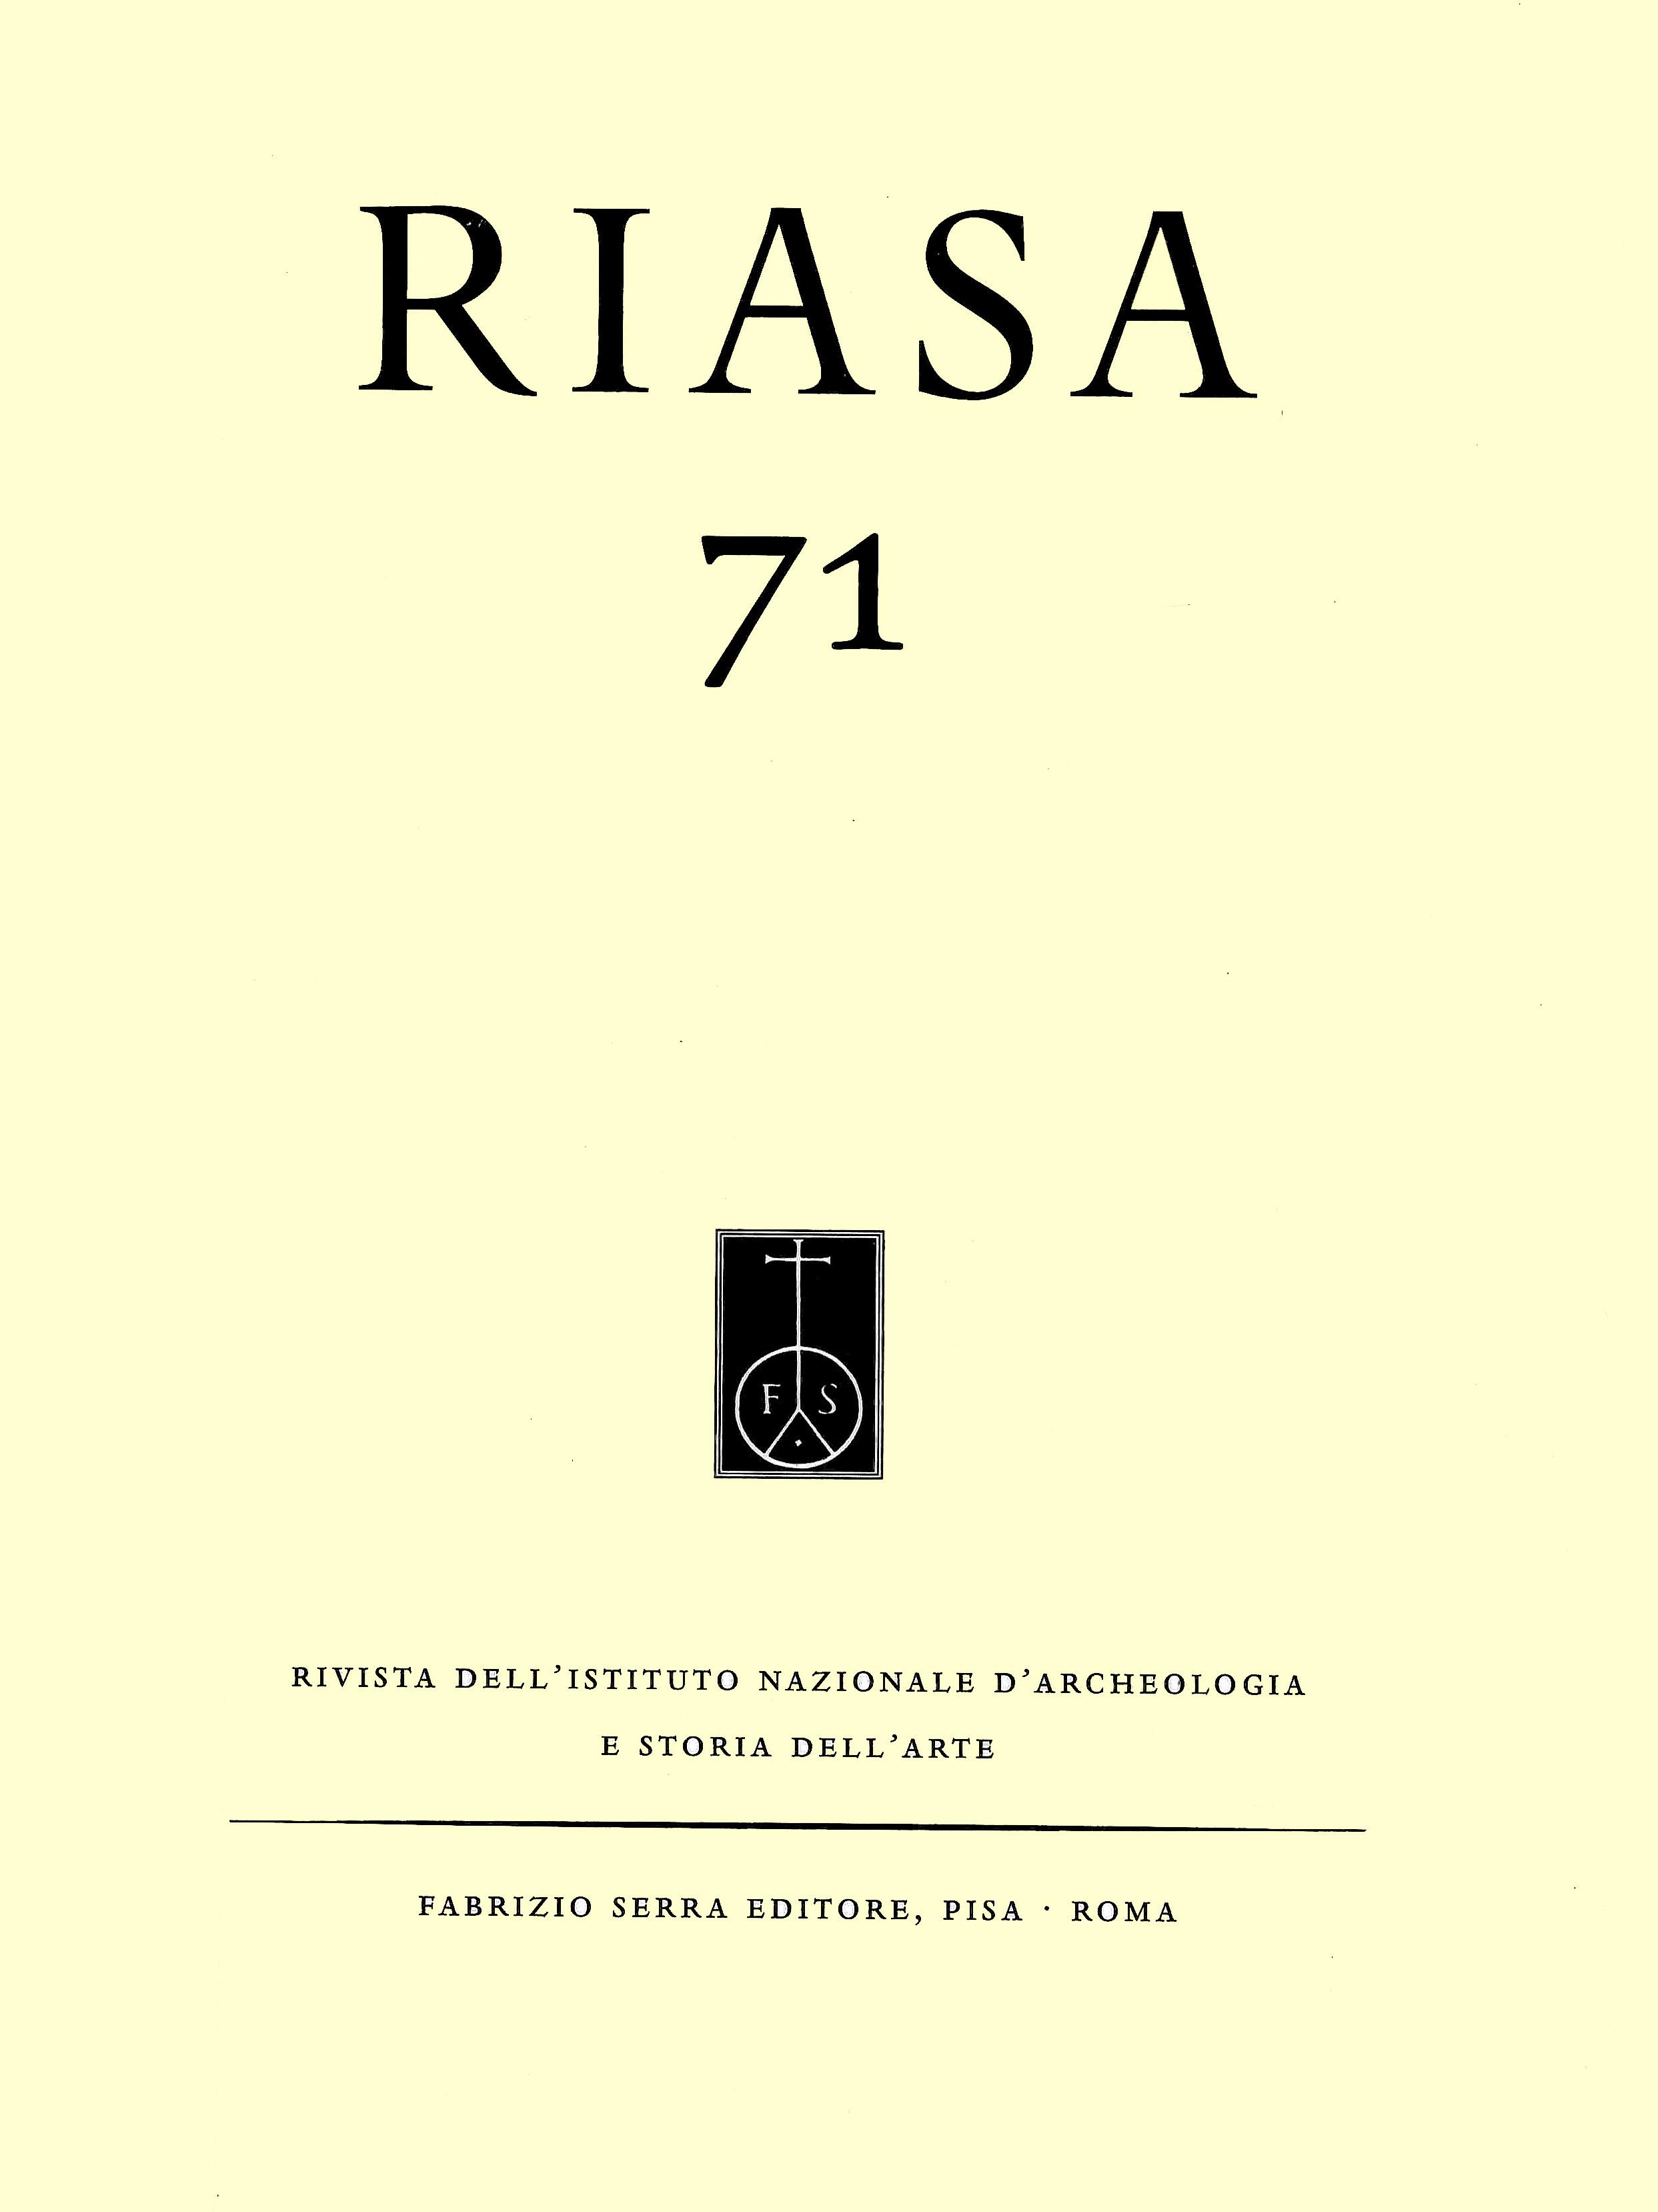 RIASA 71